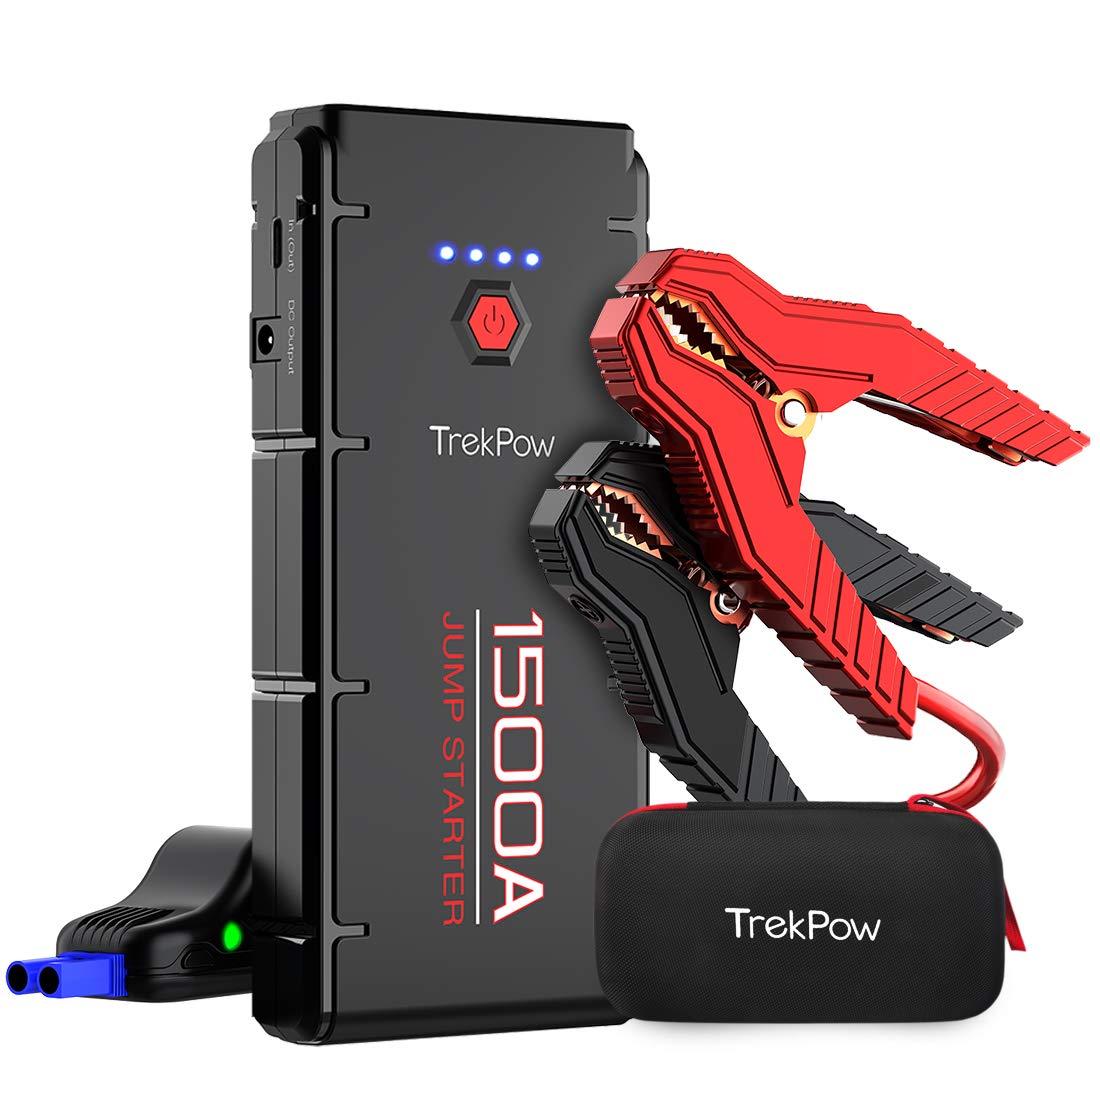 ABOX TrekPow